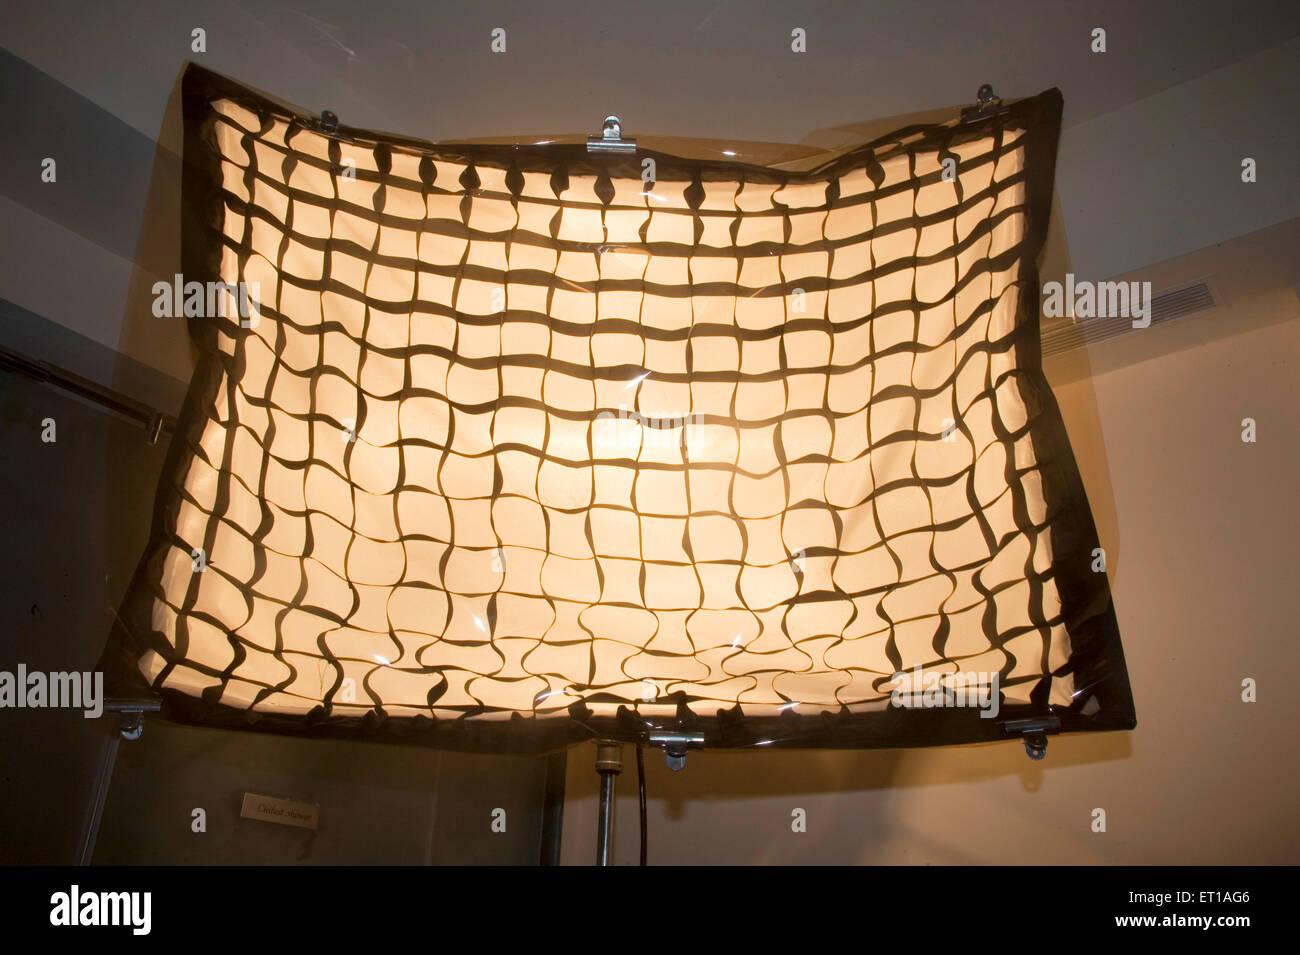 Cine profesional artificial cuadro blando cubierto de luz cuadrados negros efecto fotografía playa Palolem Imagen De Stock